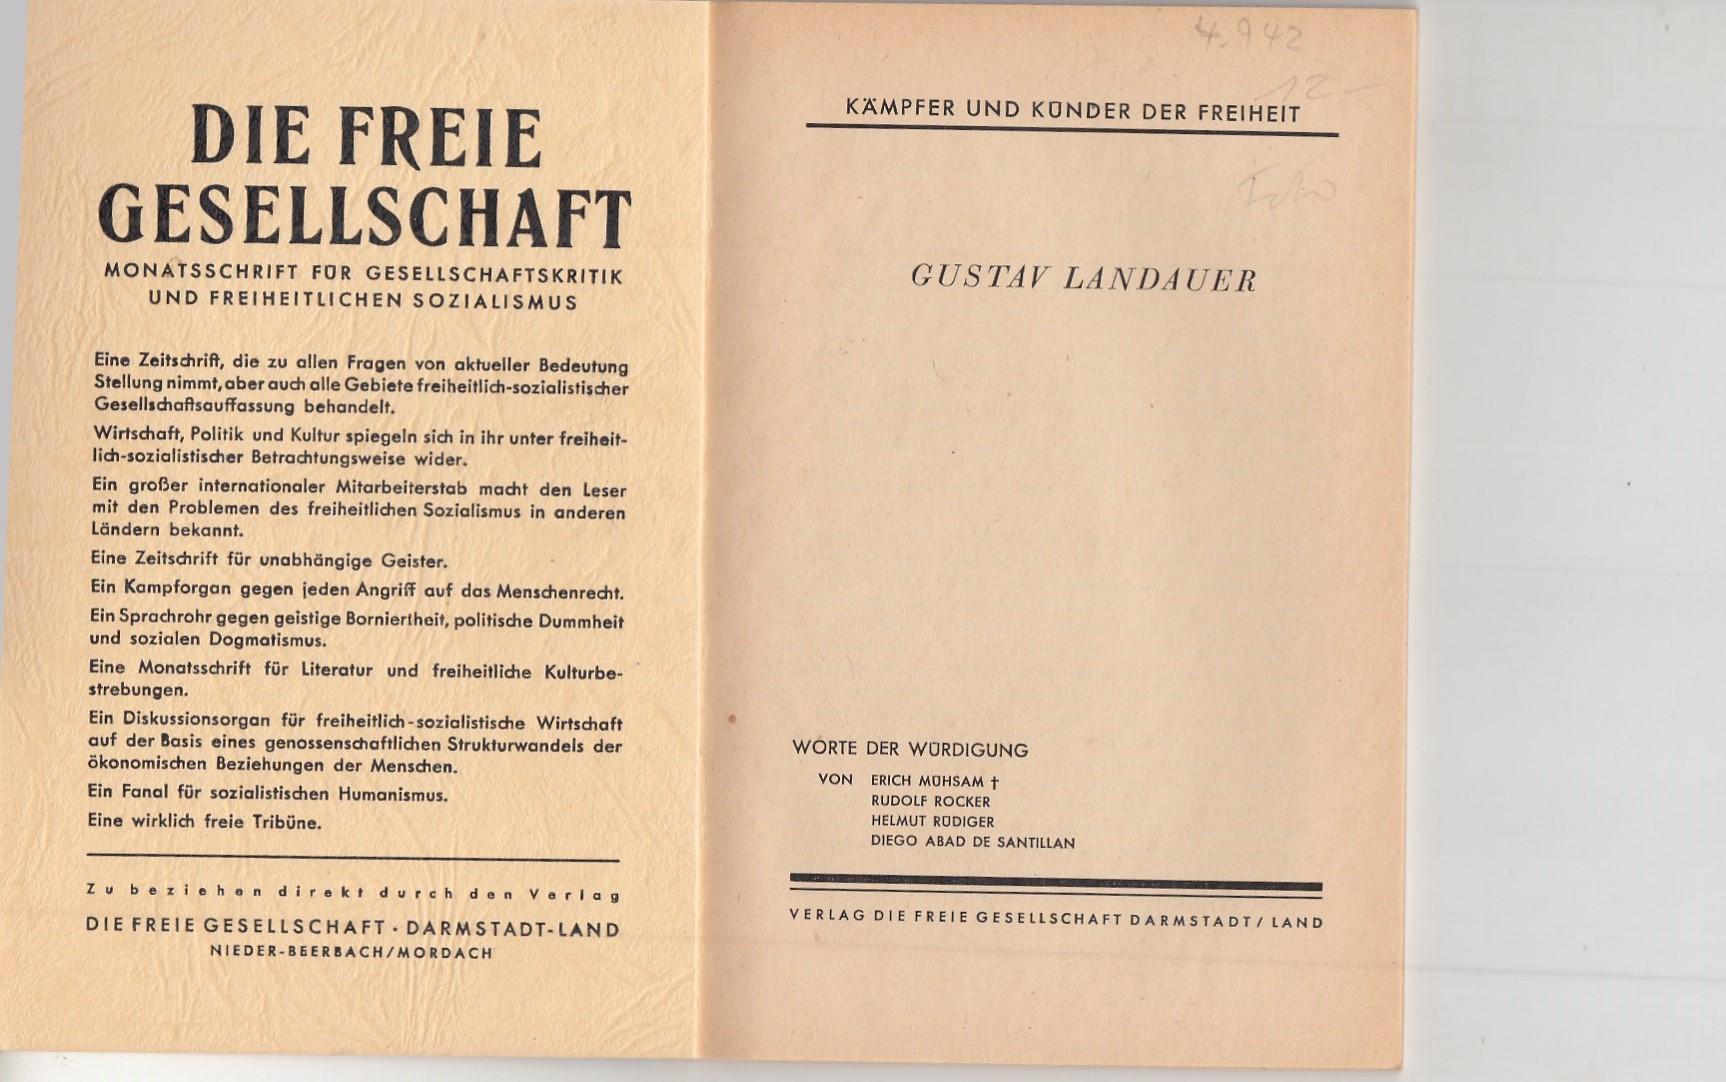 Gustav Landauer. Worte der Würdigung.